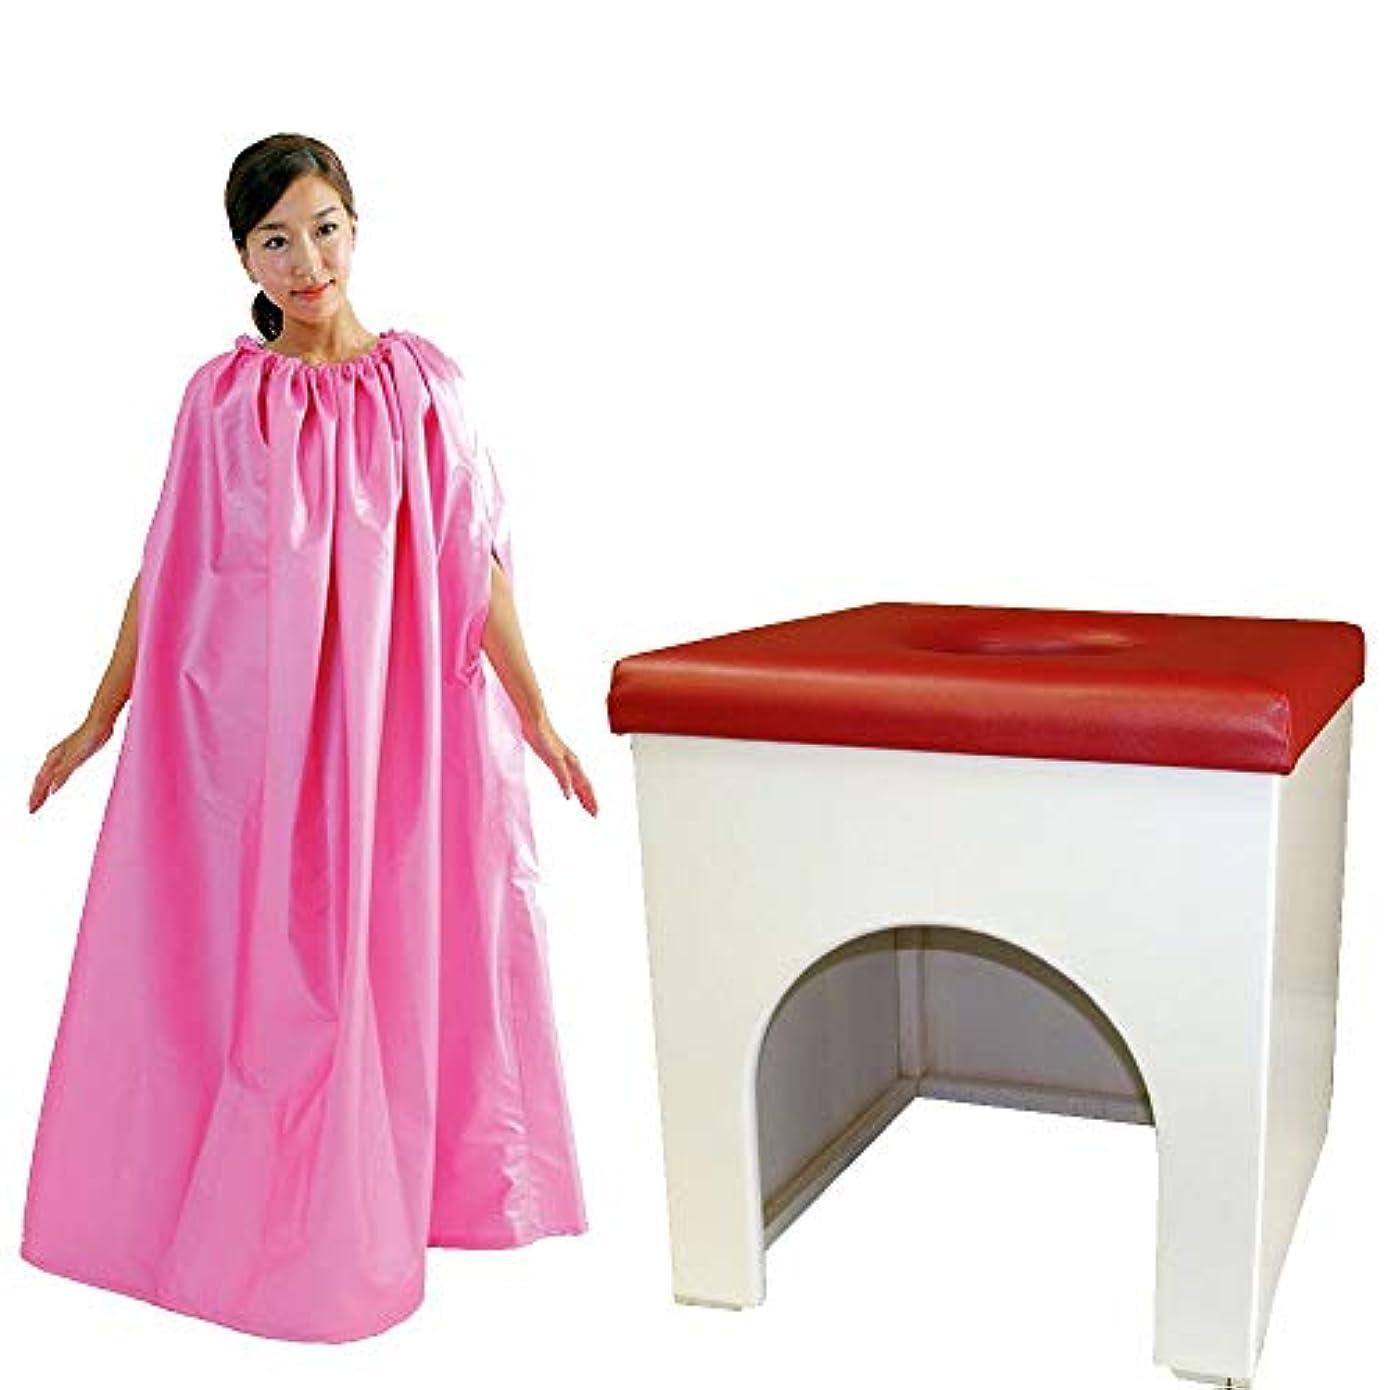 実際にエアコンより【WR】まる温よもぎ蒸し【白椅子(ワインレッドシート)セット】専用マント?薬草60回分?電気鍋【期待通りの満足感をお届けします!】/爽やかなホワイトカラーで、人体に無害な塗装仕上げで通常の椅子より長持ちします! (ピンク)